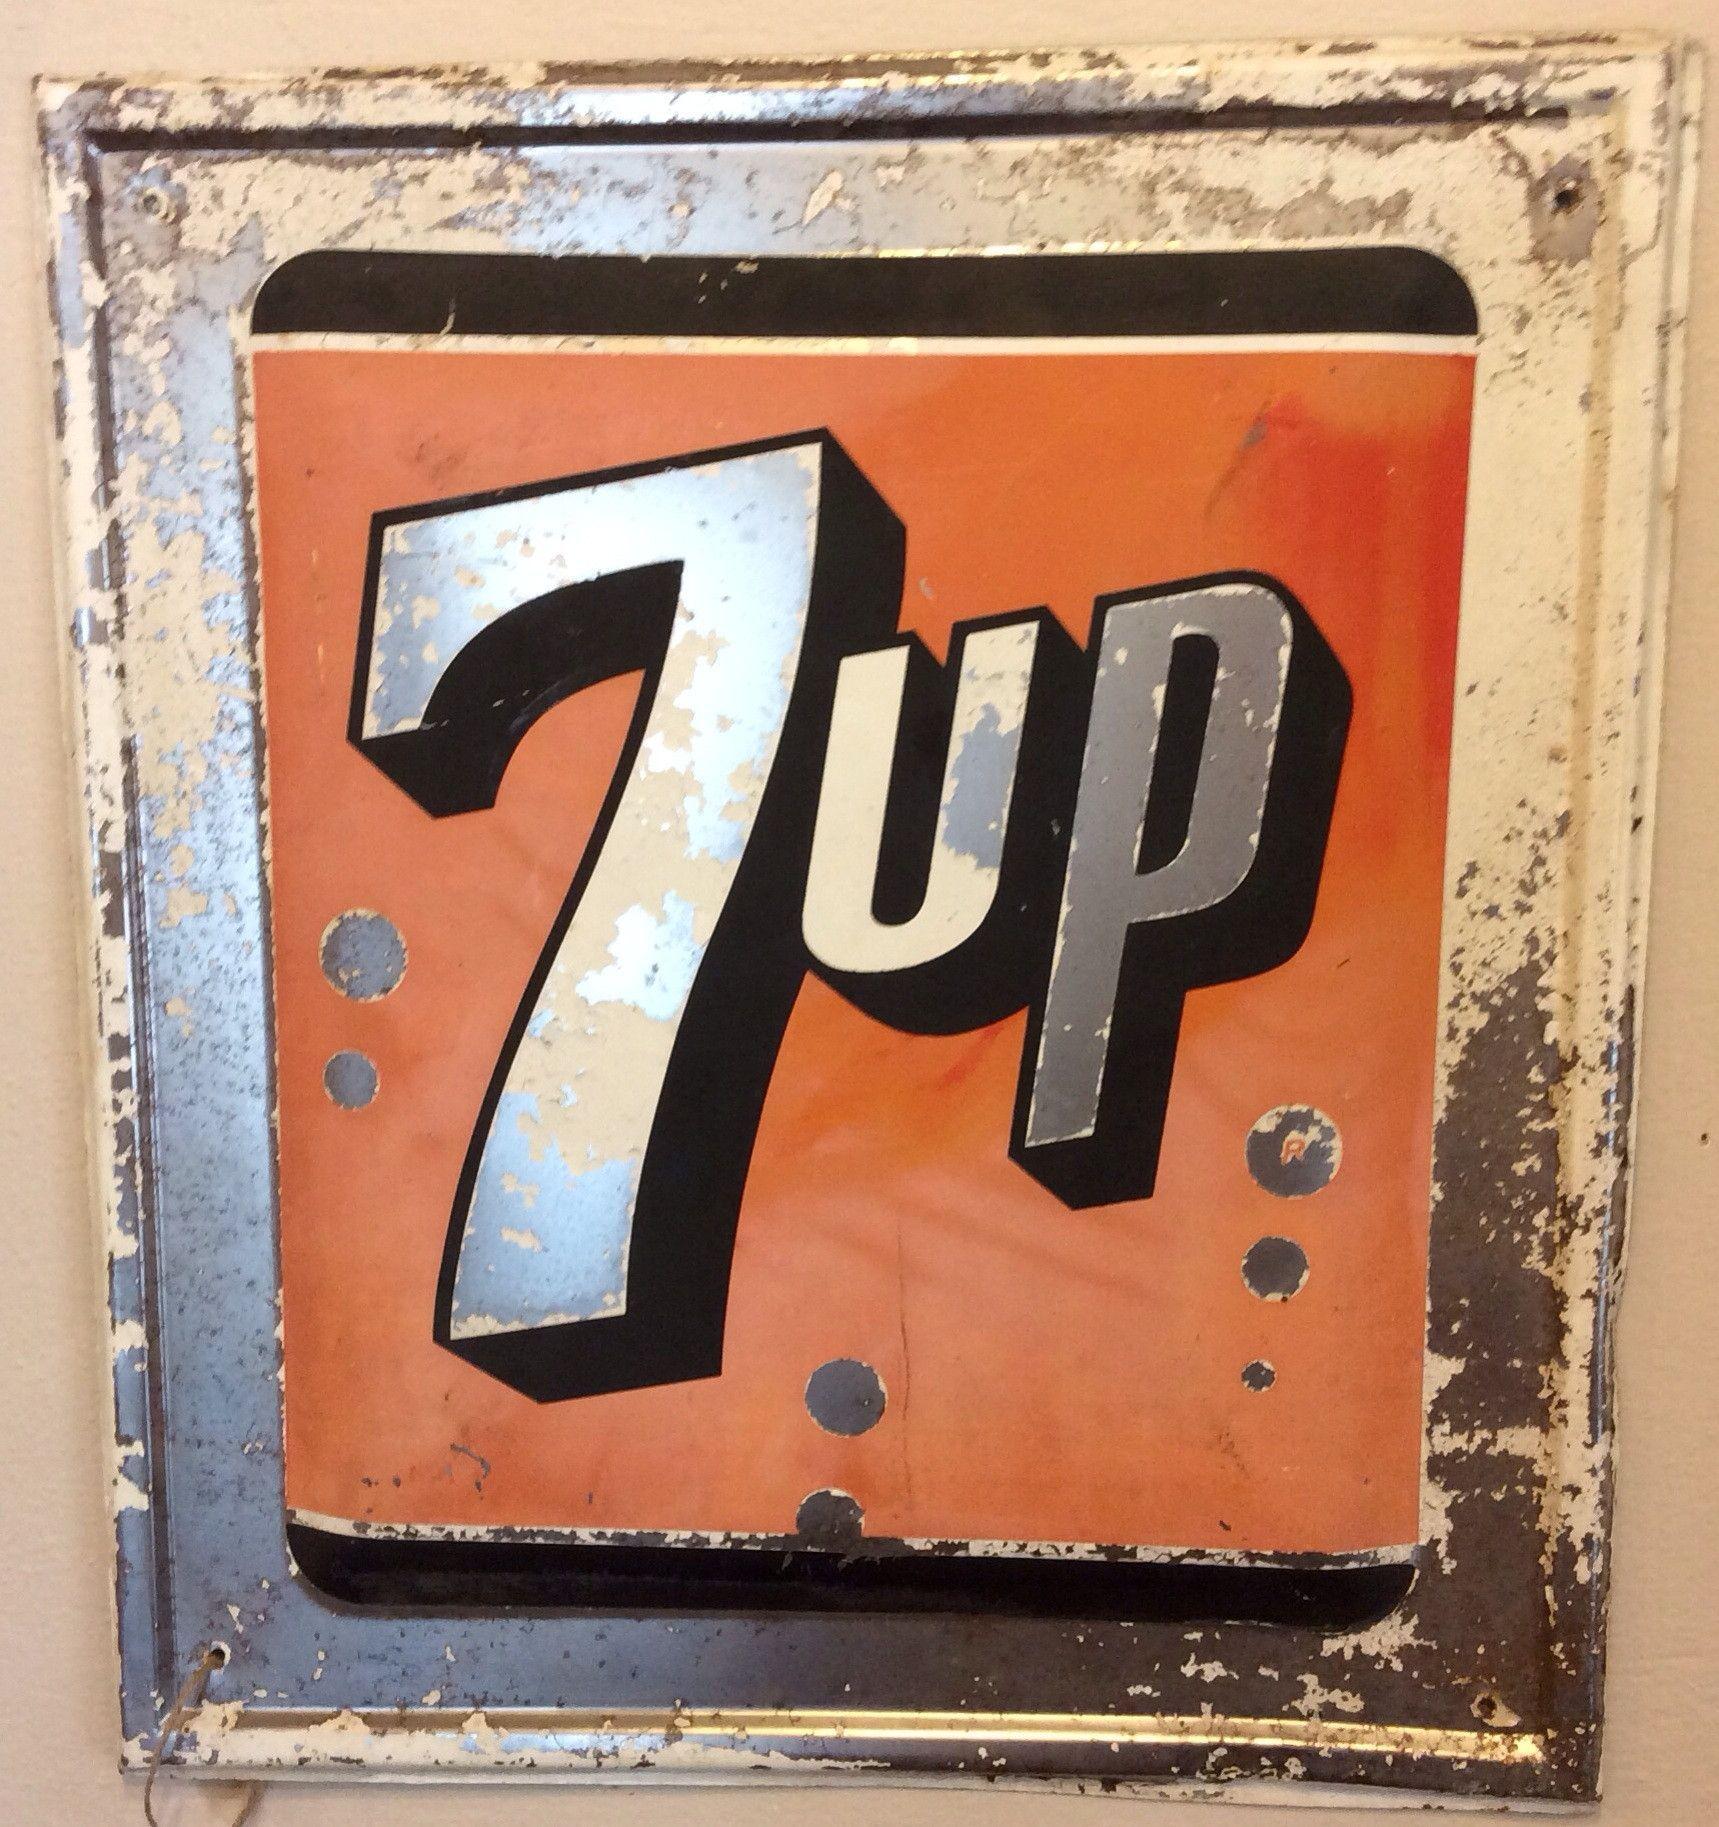 7 Up Vintage Metal Sign Vintage Metal Signs Retro